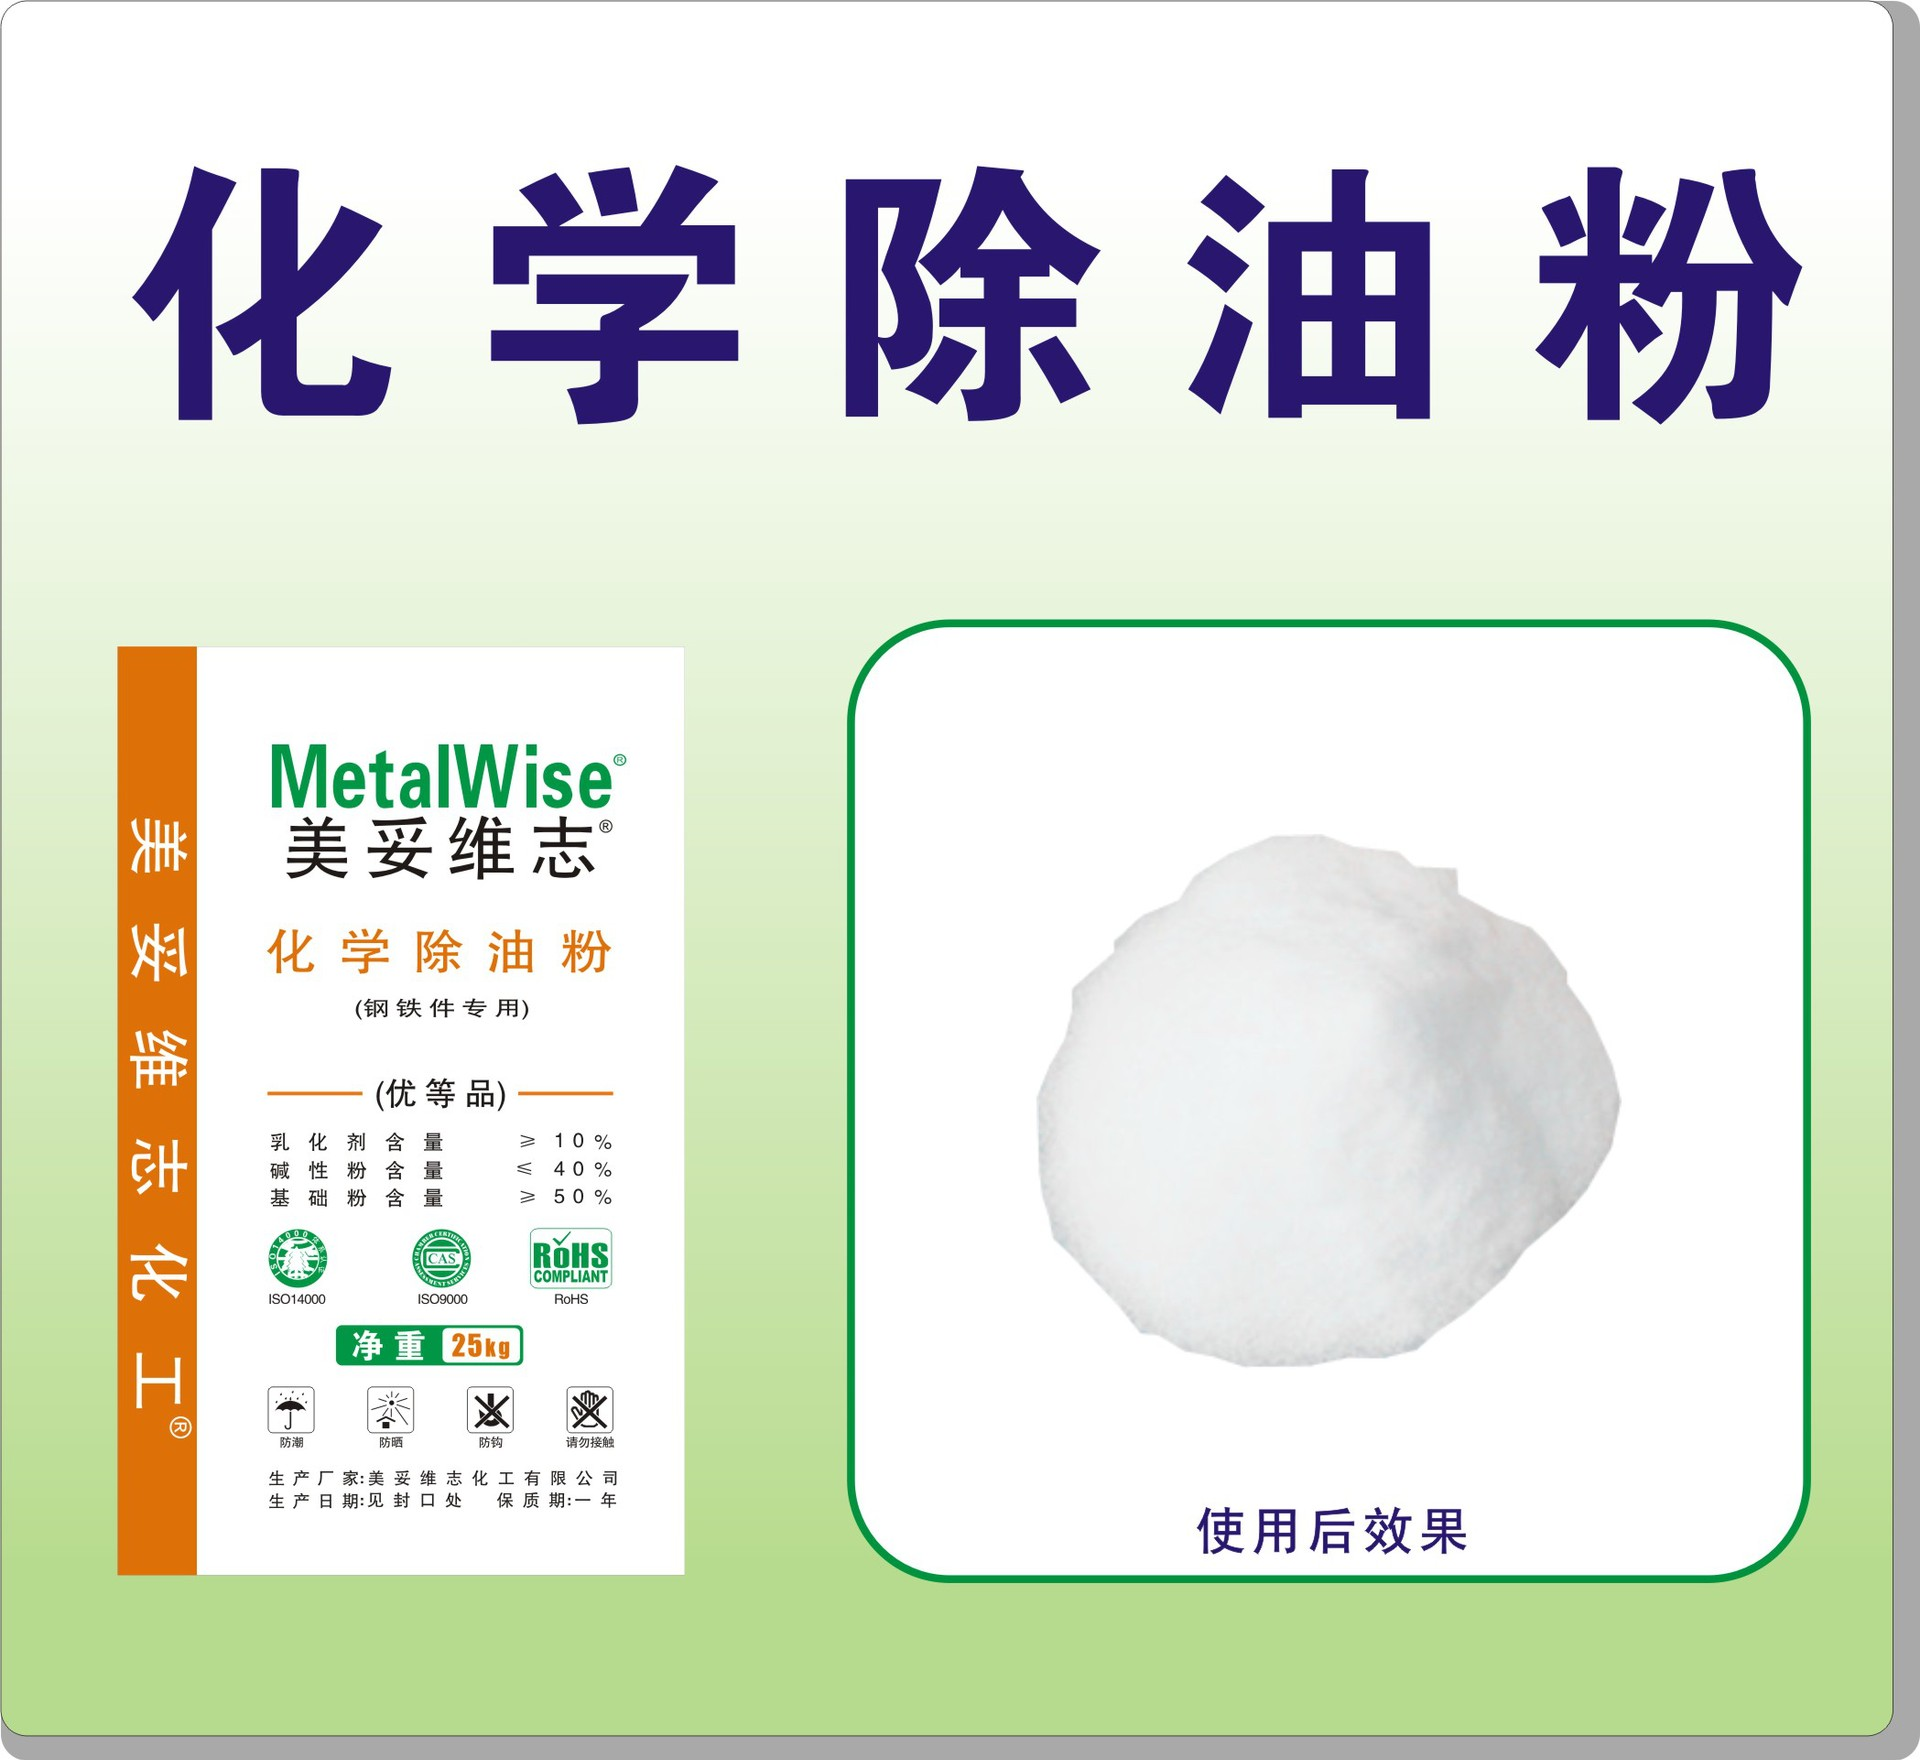 Tẩy dầu mỡ, hỗ trợ chế biến kim loại, hóa chất tẩy dầu mỡ bột, Metalwise, Meituowei Chemical